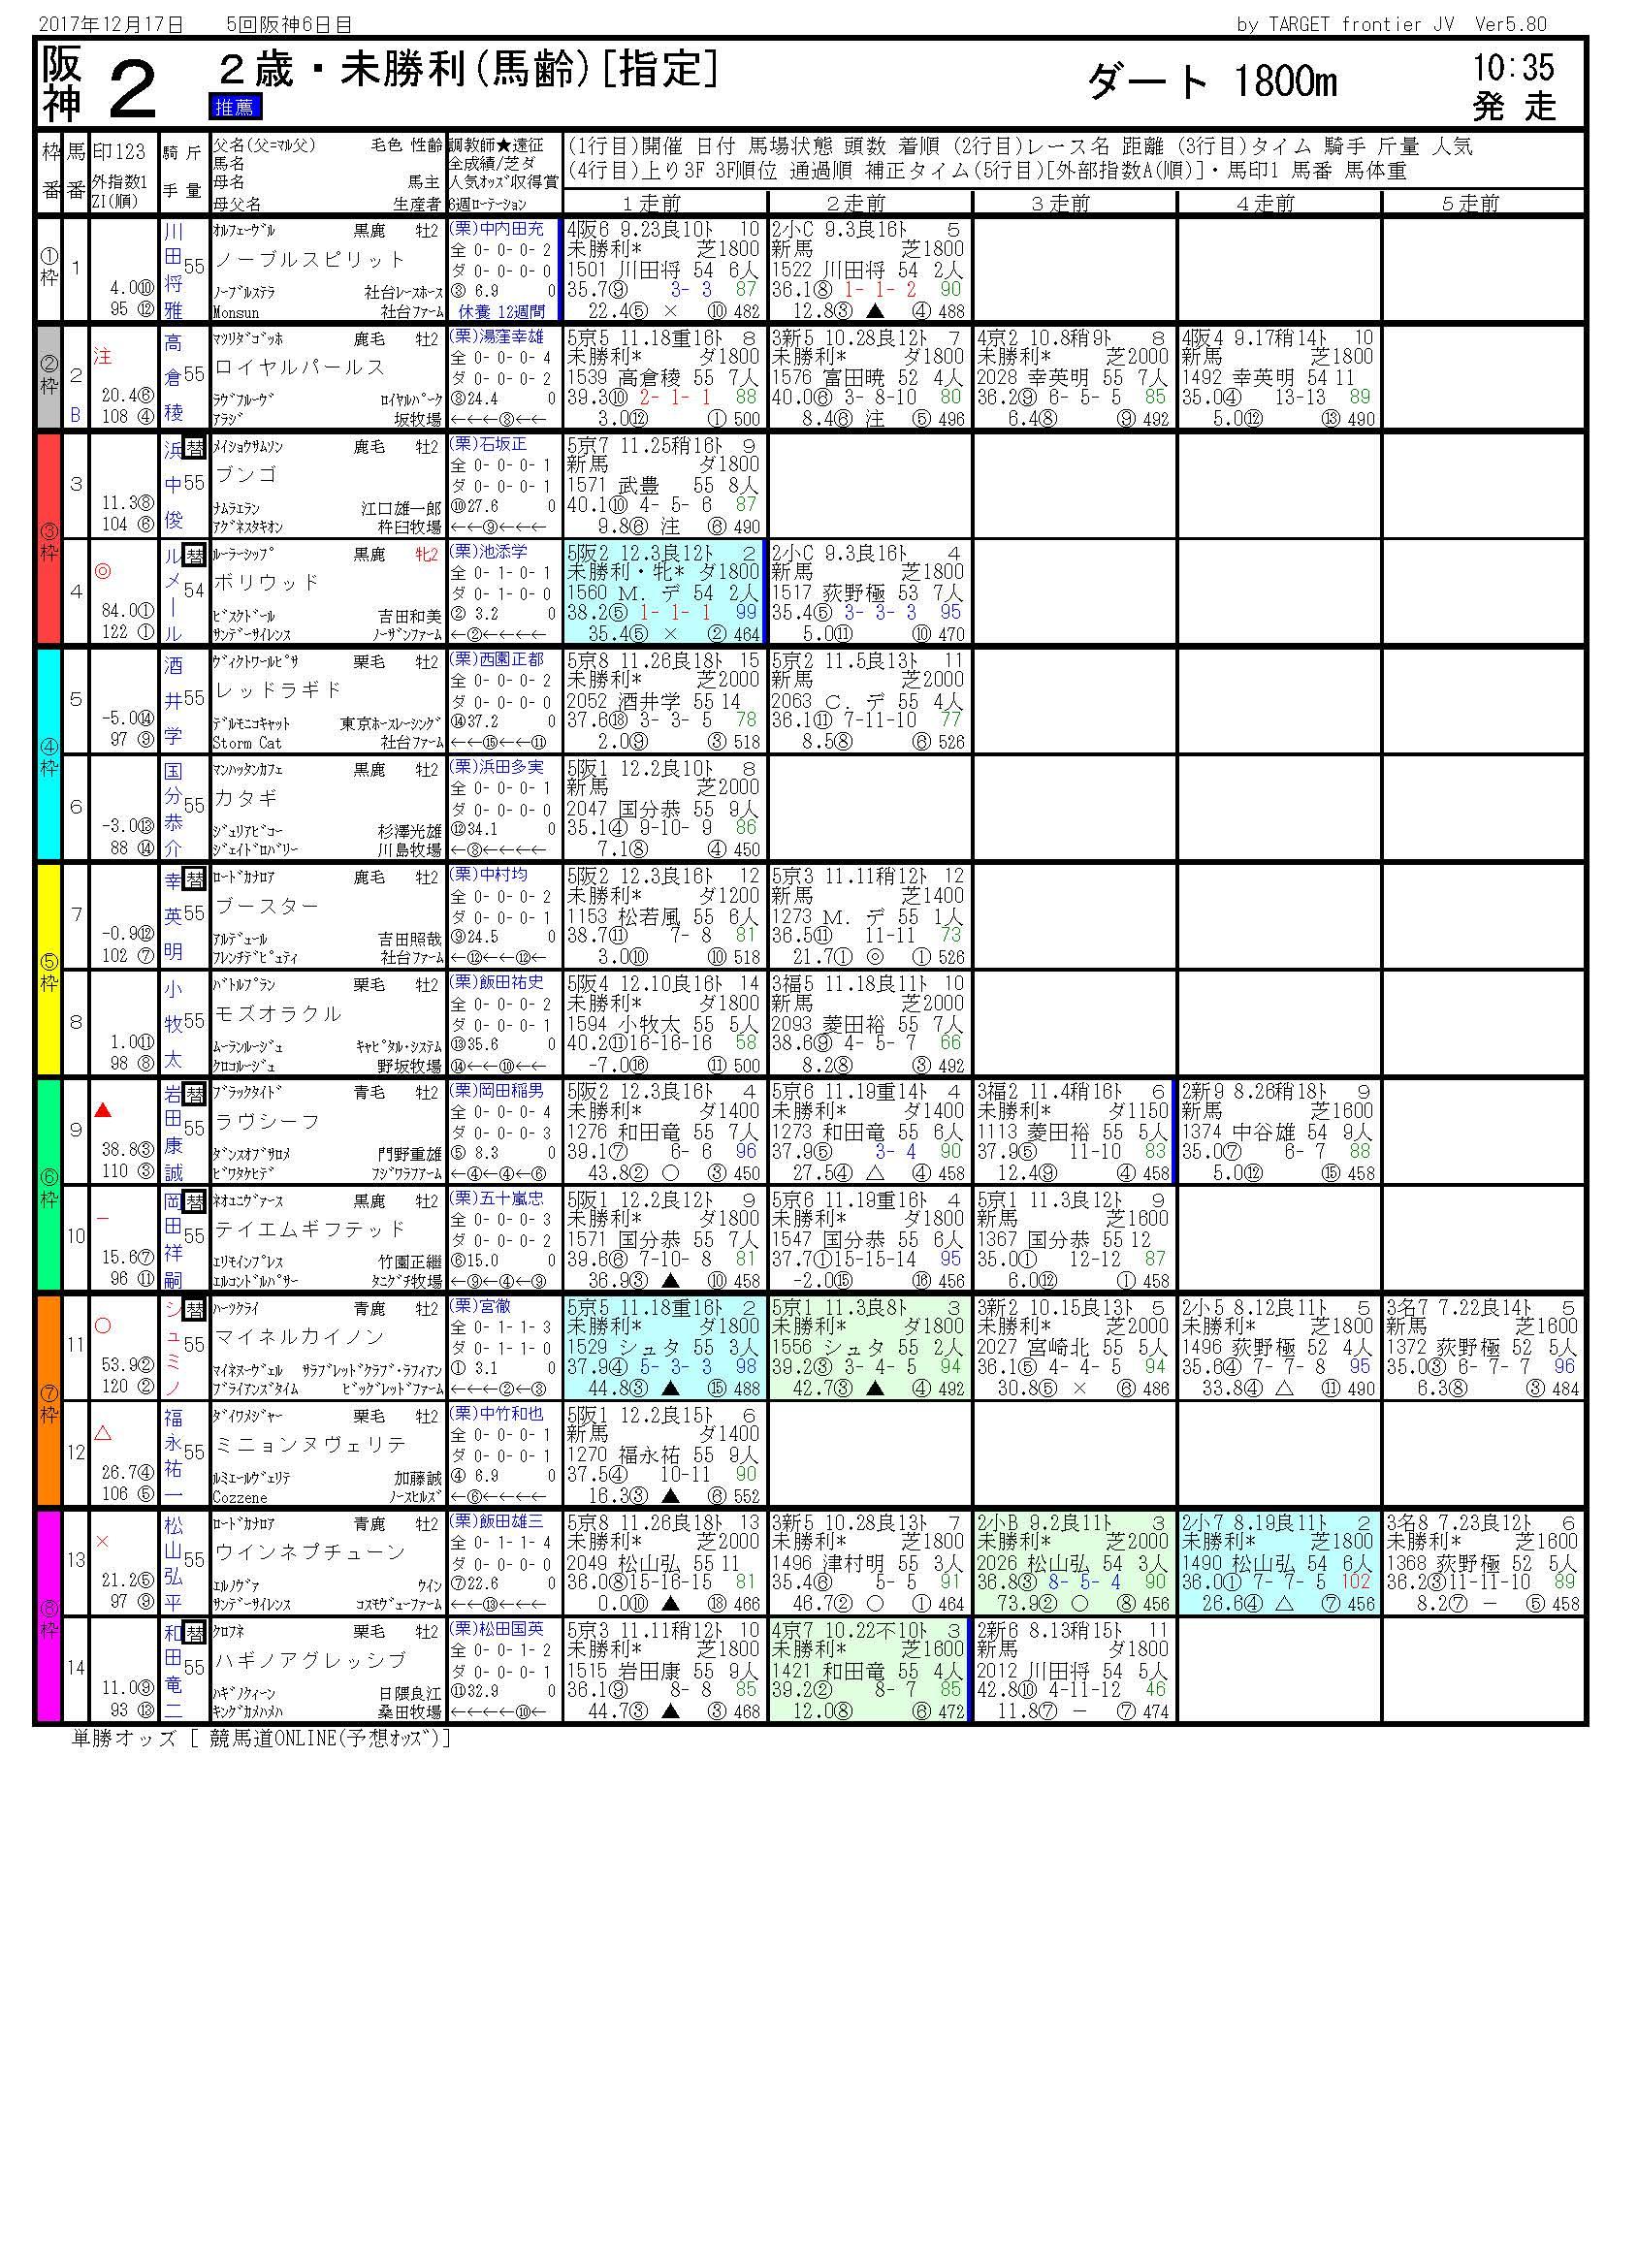 2017/12/17 阪神02R 2歳・未勝利 電脳競馬新聞予想 3連複142,450円的中!!結果